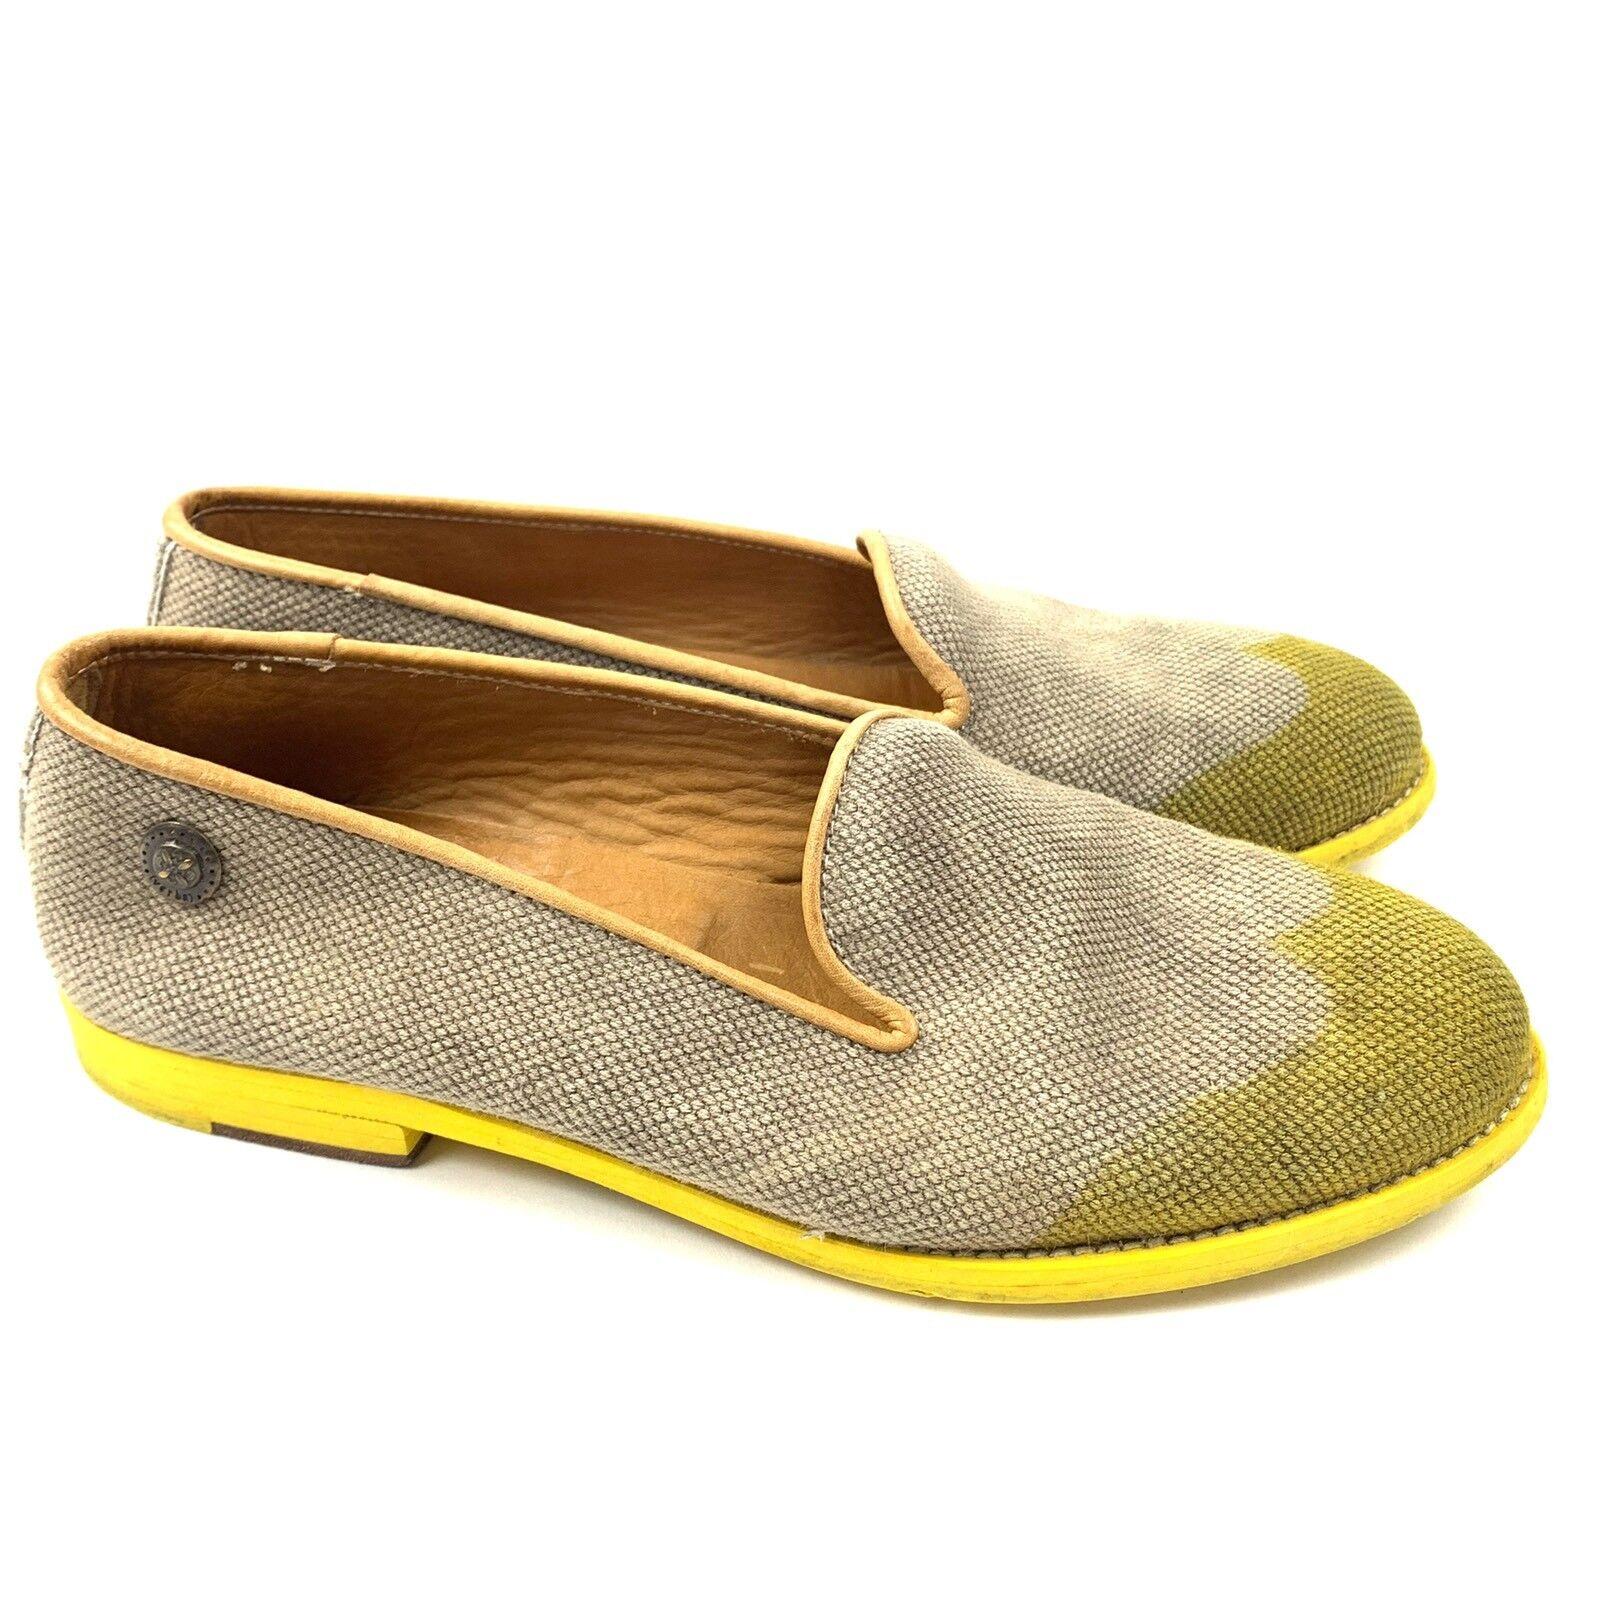 Verba punta del ala Mocasines con suela de Color Color Color amarillo para mujer Talla 40 Slip On Hecho en Italia  punto de venta de la marca